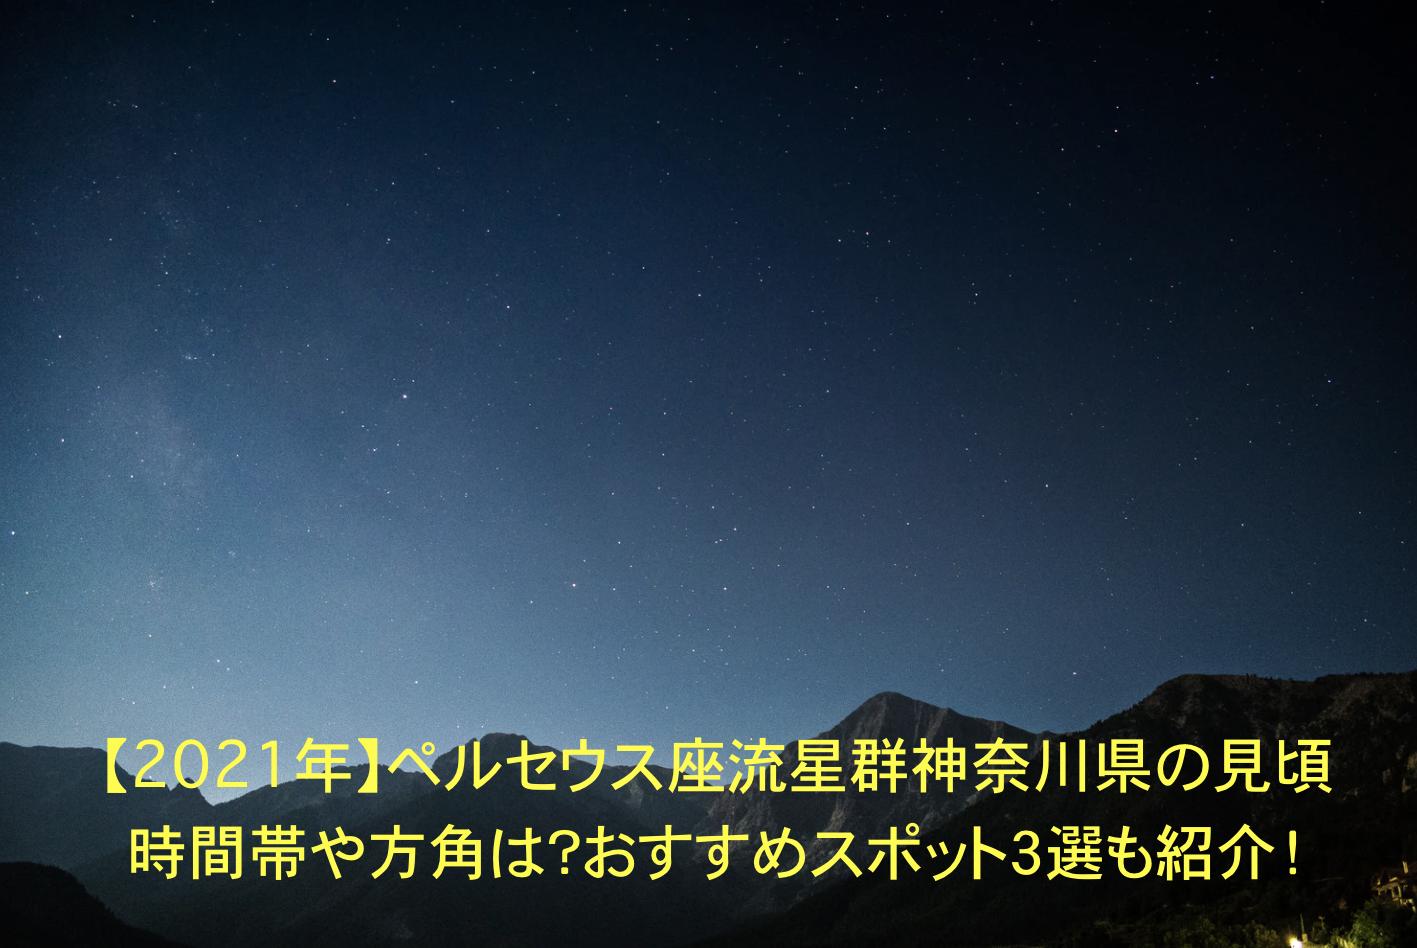 ペルセウス座流星群 神奈川 見頃時間帯 方角 おすすめスポット